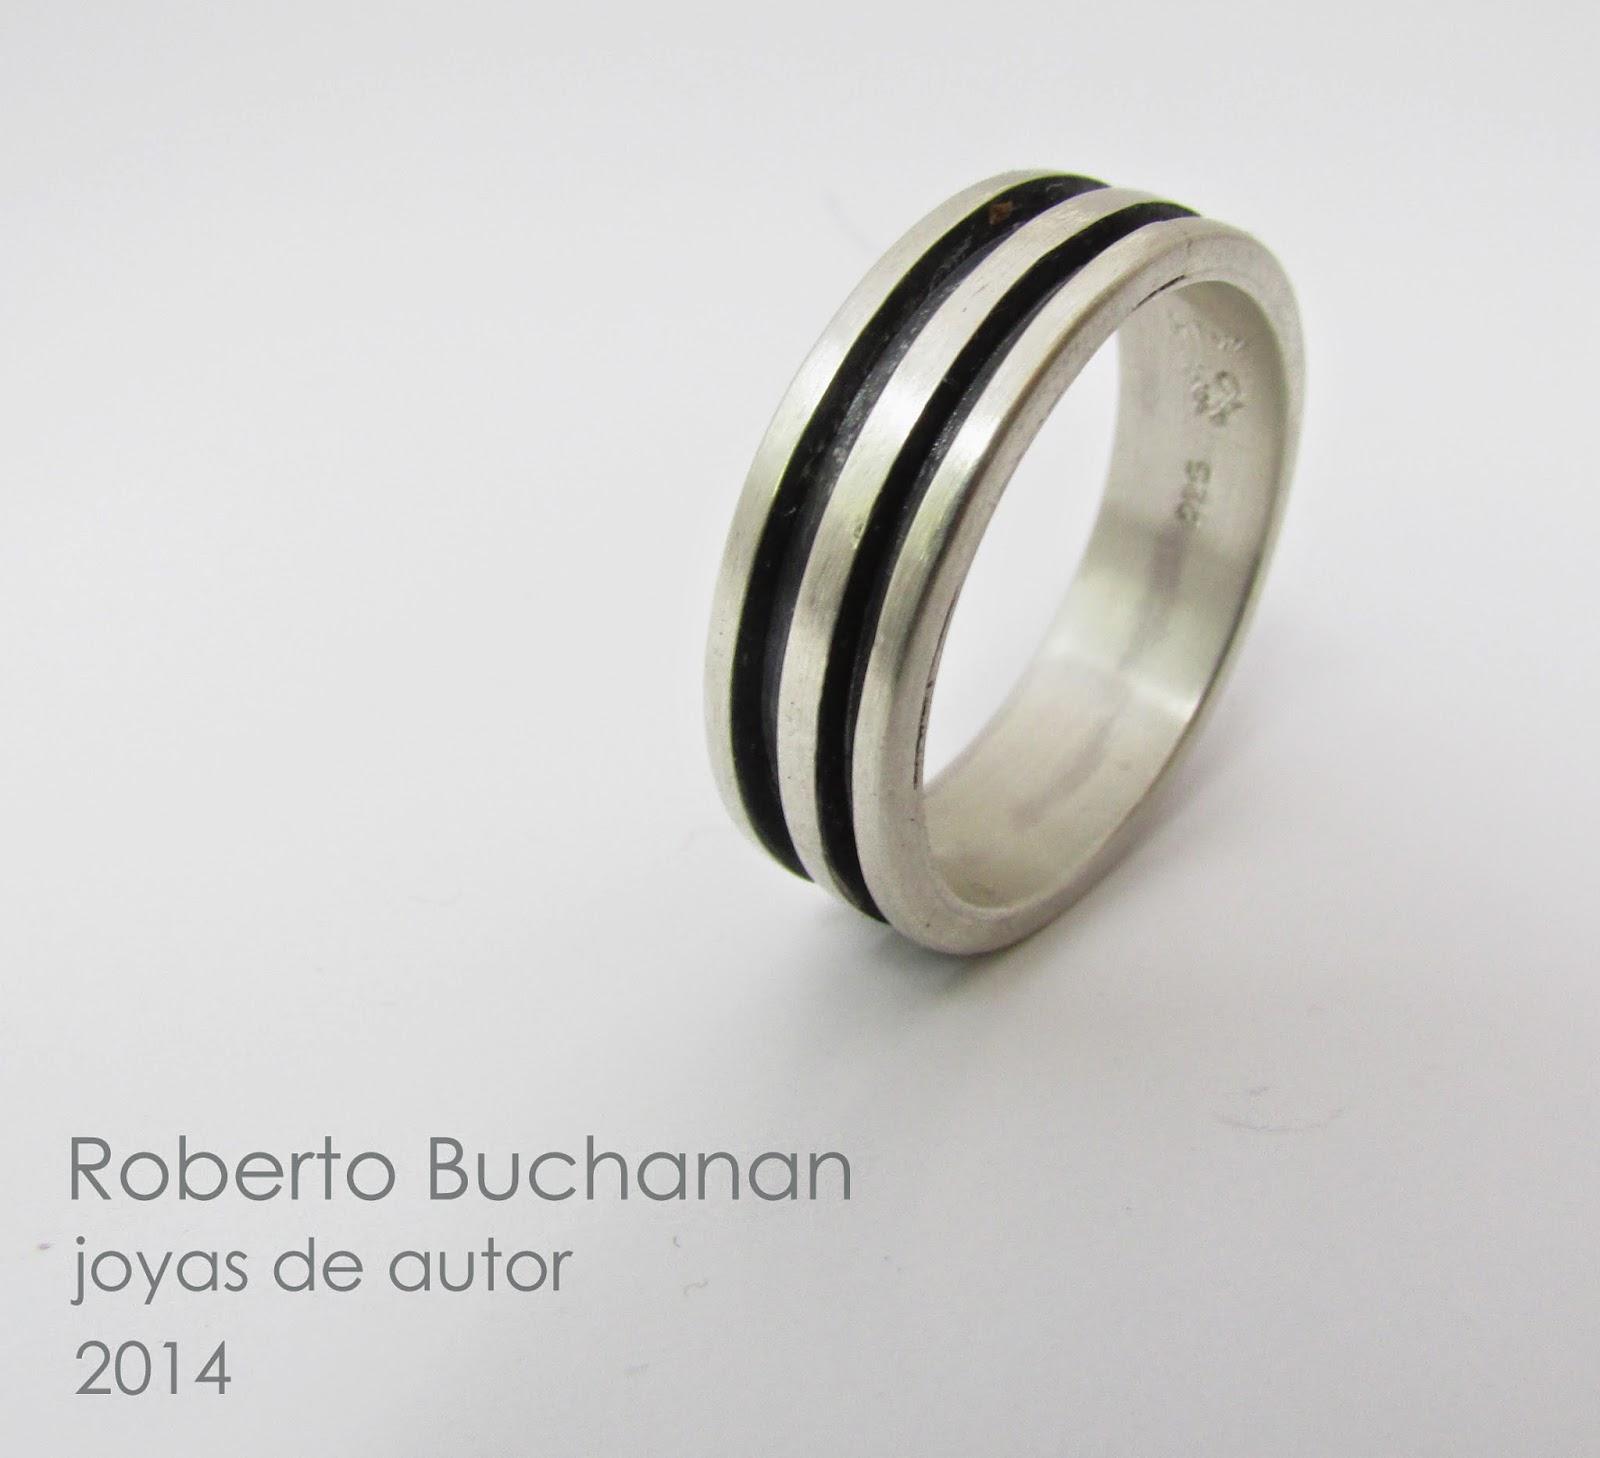 MIL ANUNCIOS Anillo hombre Joyas anillo hombre  - fotos de anillos para hombres